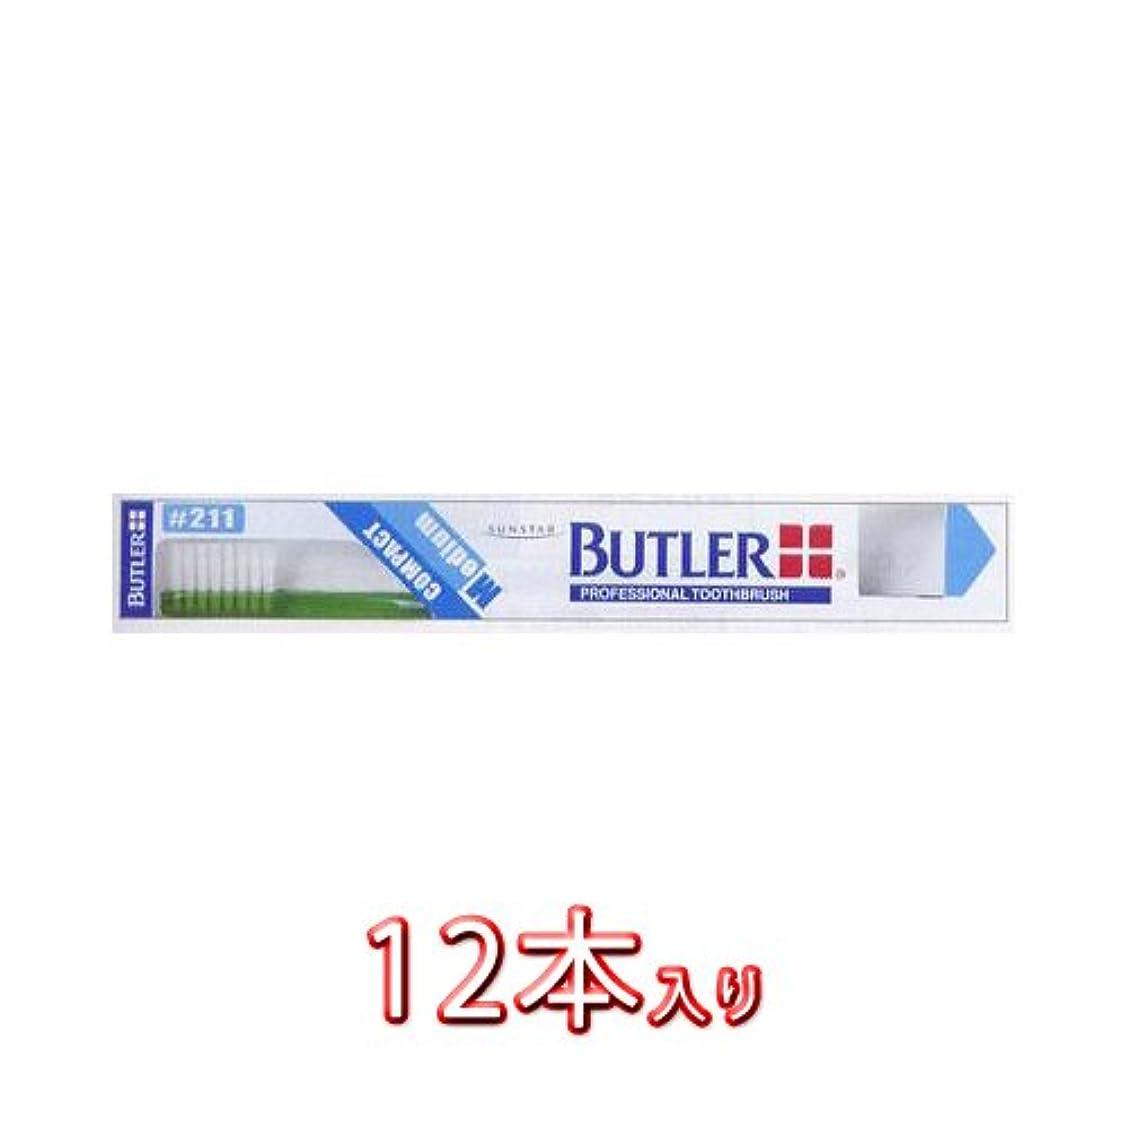 貨物決定アトラスバトラー 歯ブラシ #211 12本入